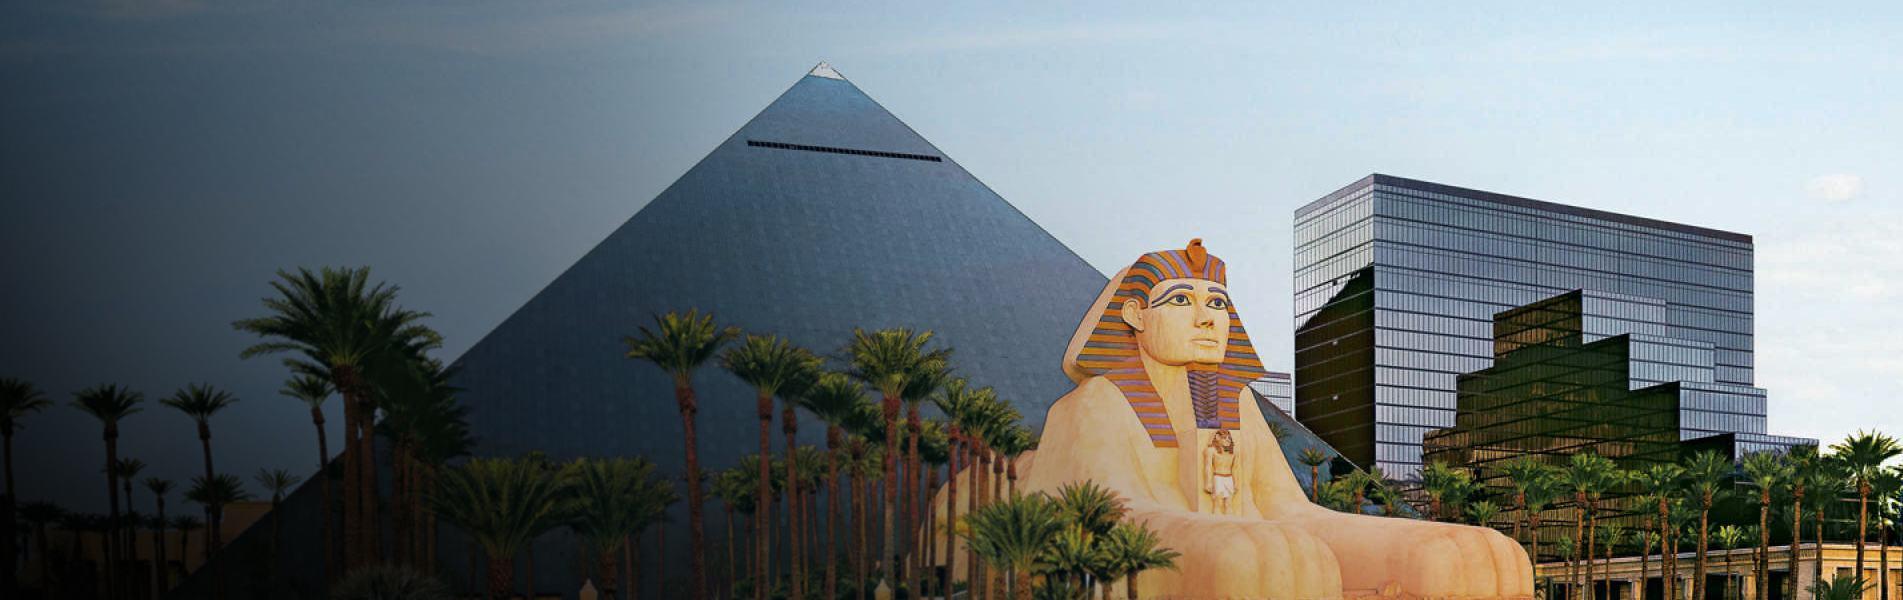 Luxor Casino Las Vegas 1